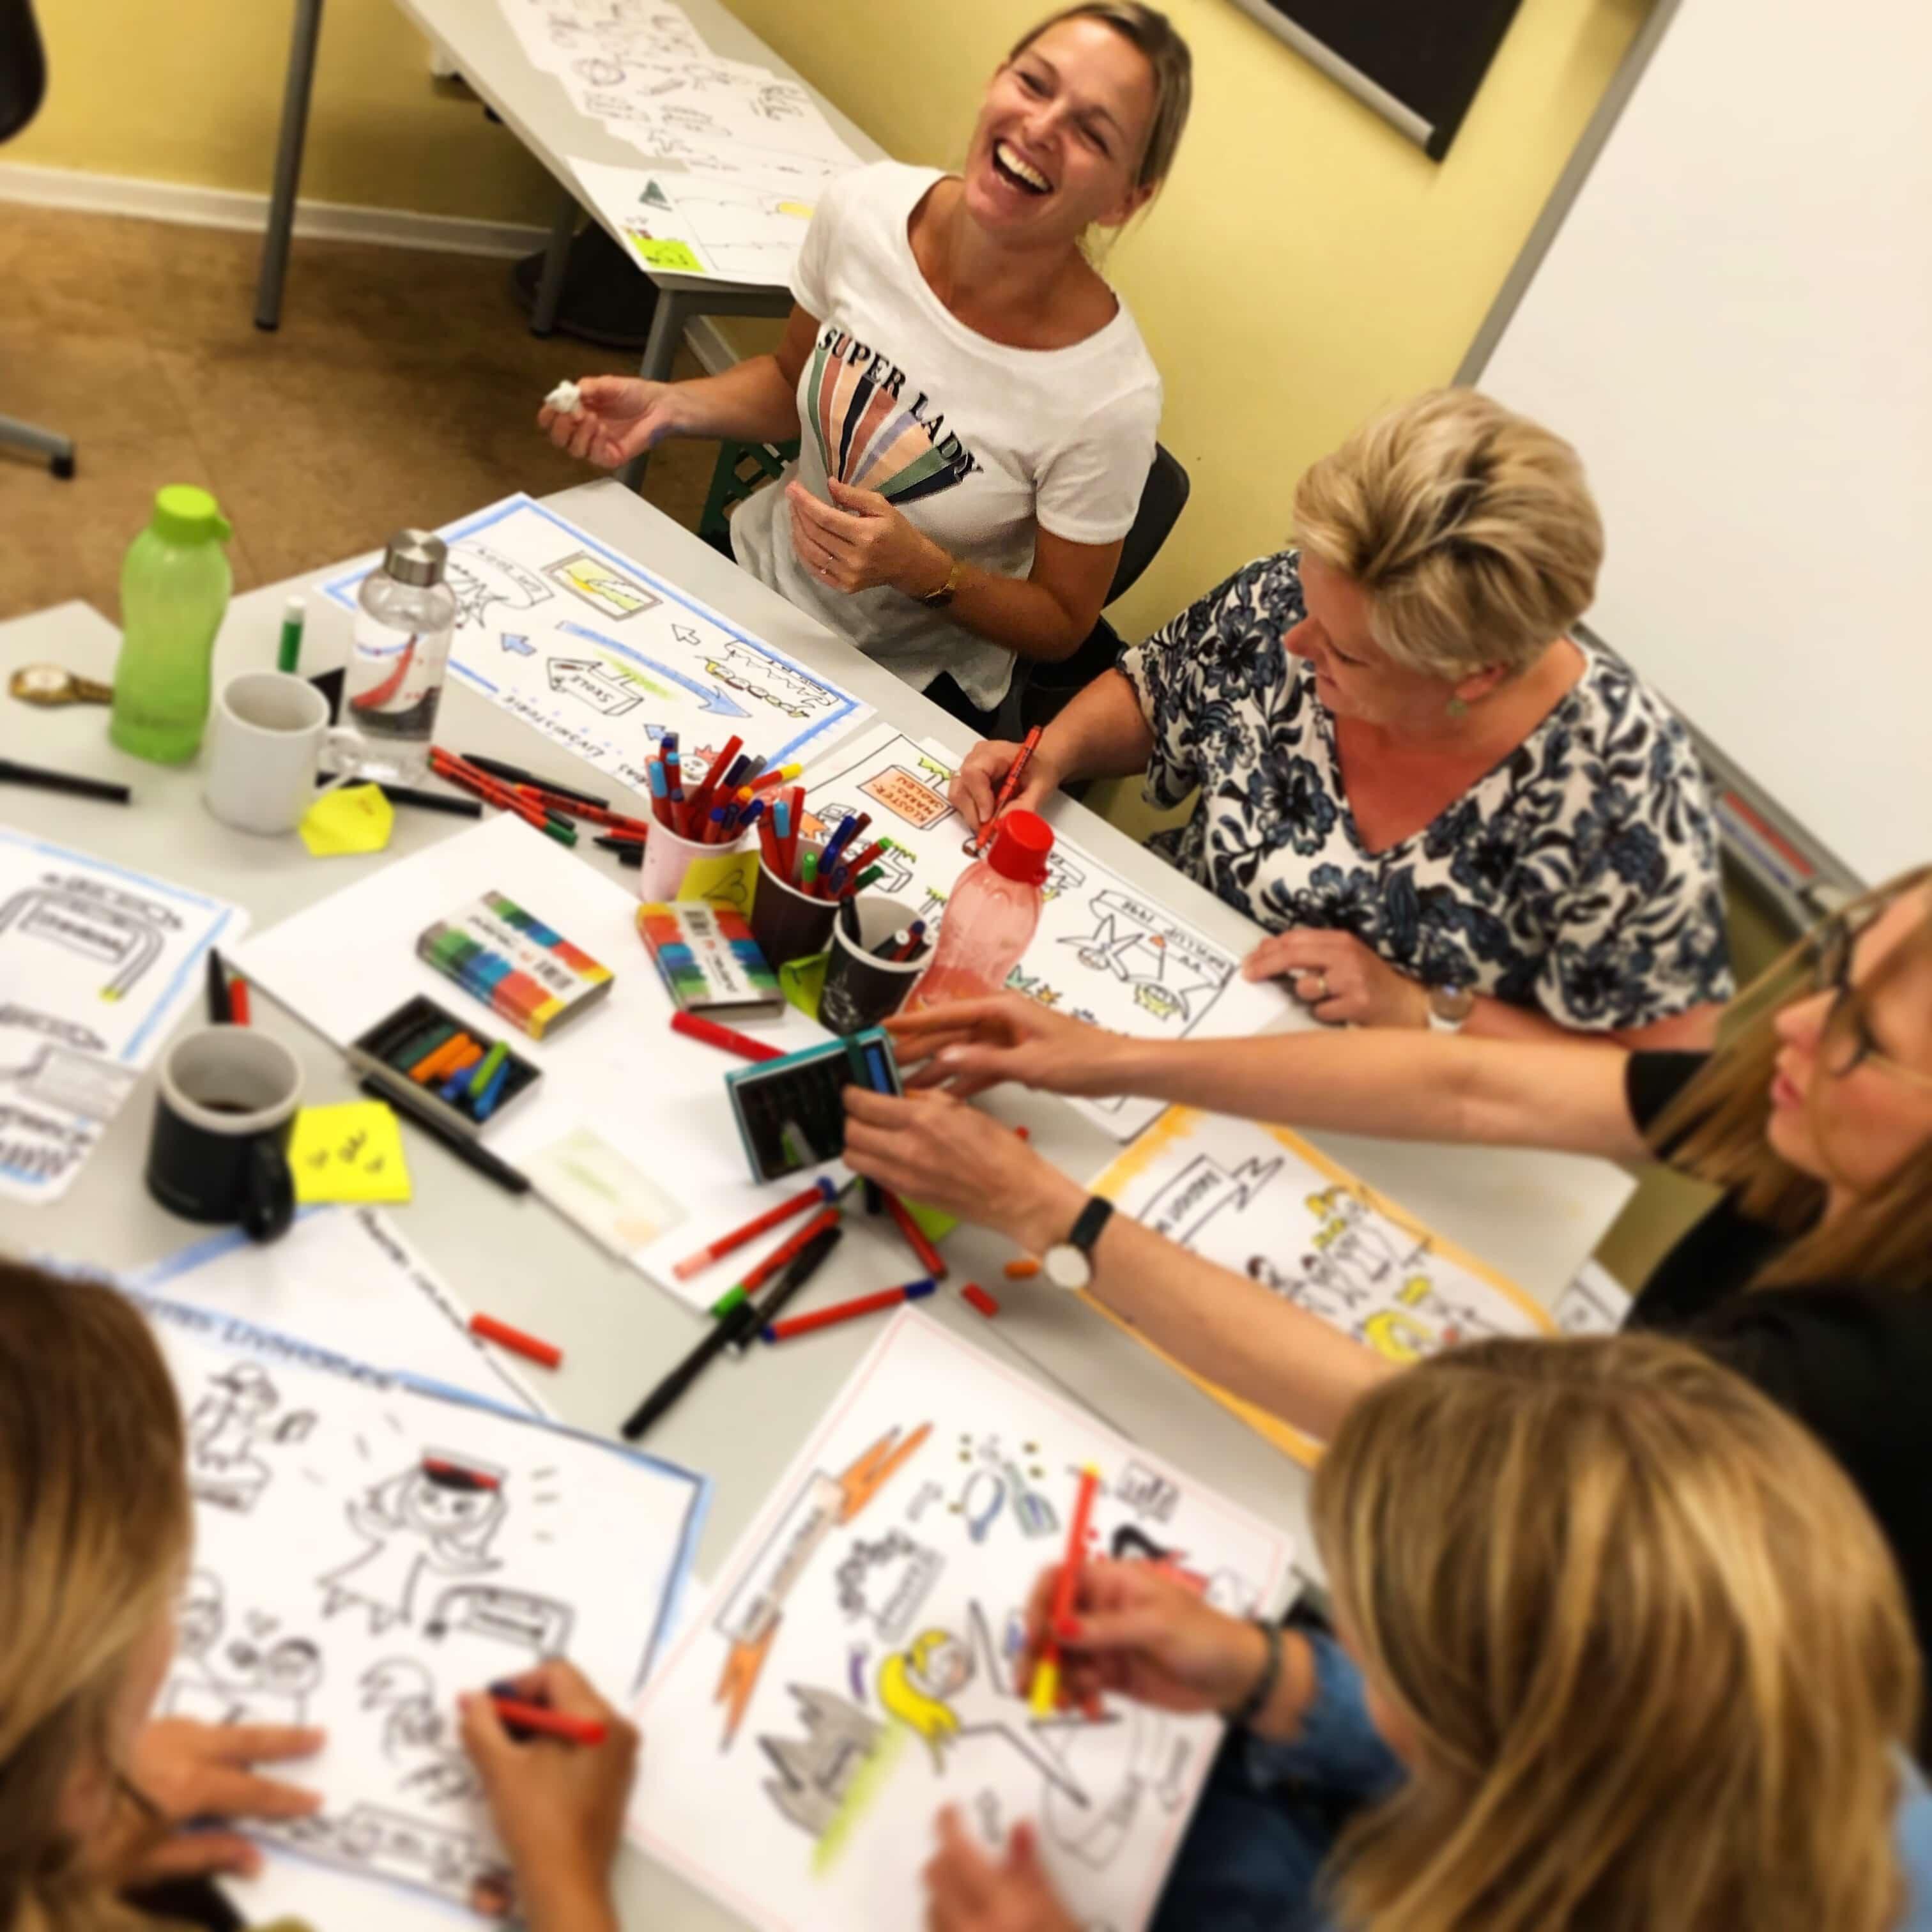 Lærere tegner og er i godt humør på et kursus i grafisk facilitering afholdt af tegnestuen helleforhelle